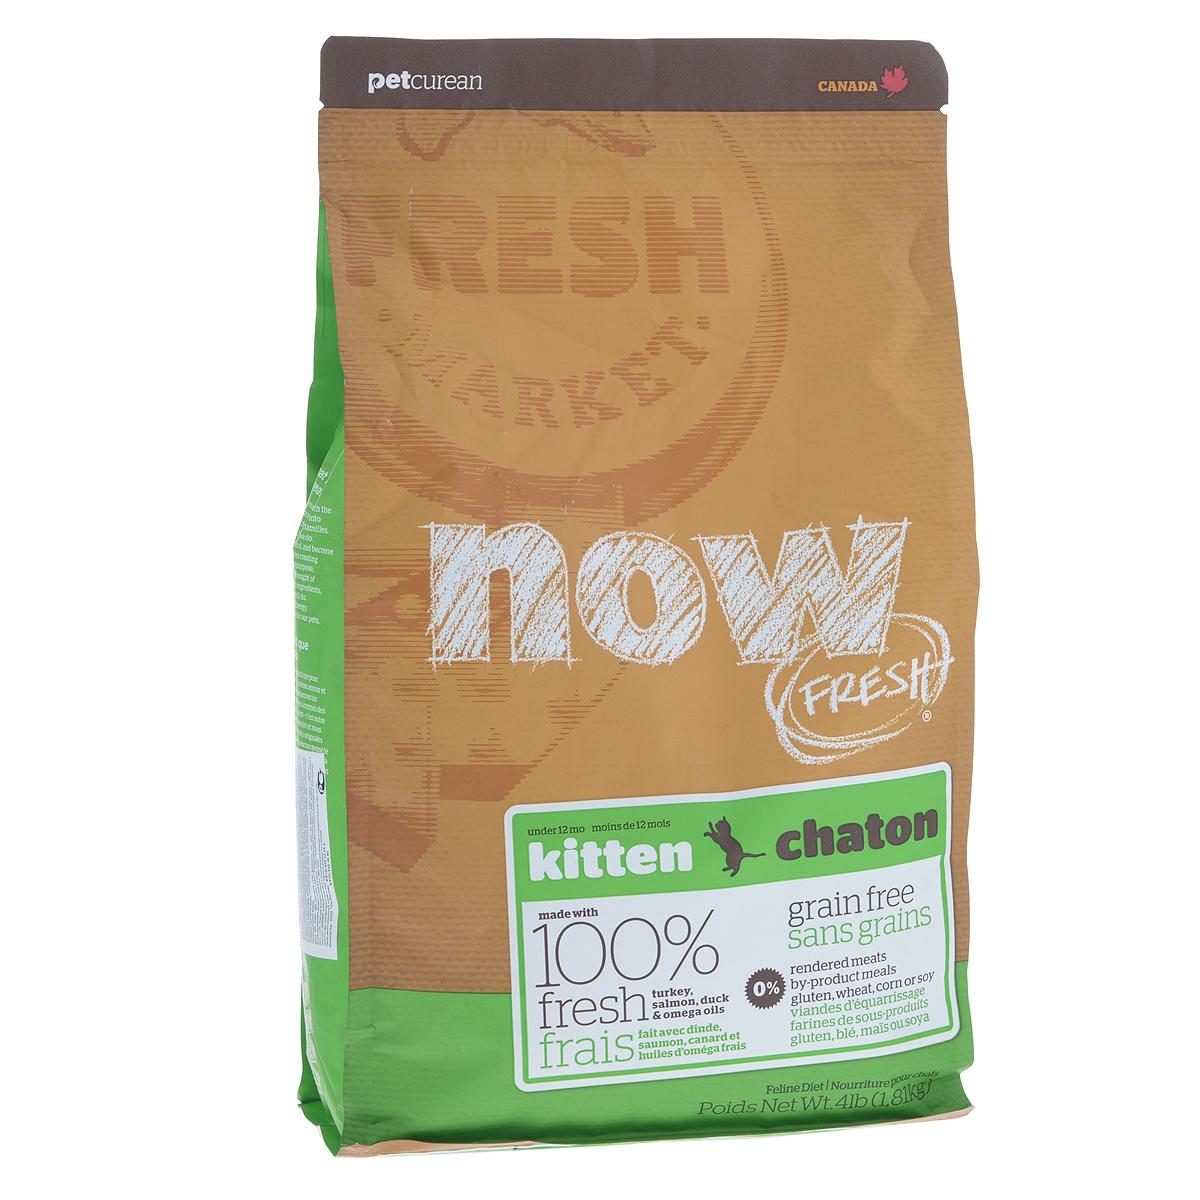 Корм сухой Now Fresh для котят, беззерновой, с индейкой, уткой и овощами, 1,81 кг0120710Now Fresh - полностью сбалансированный холистик корм для котят с 5 недели до 1 года из свежего филе индейки, лосося и утки, выращенных на канадских фермах.Также корм подходит беременным и кормящим кошкам. При производстве кормов используется только свежее мясо индейки, утки, лосося, кокосовое и рапсовое масло.Ключевые преимущества: - полностью беззерновой, - не содержит субпродуктов, красителей, говядины, мясных ингредиентов, выращенных на гормонах, - наличие всех питательных компонентов для правильного развития костей и суставов,- оптимальное соотношение белков и жиров помогает кошек оставаться здоровым и сохранять отличную форму, - докозагексаеновая кислота (DHA) и эйкозапентаеновая кислота (EPA) необходима для нормальной деятельности мозга и здорового зрения, - пробиотики и пребиотики обеспечивают здоровое пищеварение, - таурин необходим для здоровья глаз и нормального функционирования сердечной мышцы, - омега-масла в составе необходимы для здоровой кожи и шерсти, - антиоксиданты укрепляют иммунную систему,- профилактика образования комочков шерсти в желудке. Состав: филе индейки, картофель, горох, свежие цельные яйца, картофельная мука, томаты, семена льна, яблоки, филе лосося, утиное филе, масло канолы (источник витамина Е), люцерна, натуральный ароматизатор, кокосовое масло (источник витамина Е), лецитин, морковь, тыква, бананы, черника, клюква, ежевика, папайя, ананас, грейпфрут, чечевица, брокколи, шпинат, творог, ростки люцерны, дикальций фосфат, вяленых люцерна, сушеные водоросли, карбонат кальция, фосфорная кислота, хлорид натрия, лецитин, хлорид калия, DL-метионин, таурин, сушеные водоросли, витамины (витамин Е, L-аскорбил-2-полифосфатов (источник витамина С), никотиновая кислота, инозит, витамин А, мононитрат тиамина, D-пантотенат кальция, пиридоксина гидрохлорид, рибофлавин, бета-каротин, витамин D3, фолиевая кислота, биотин, витамин В12), минералы (протеинат цинка,